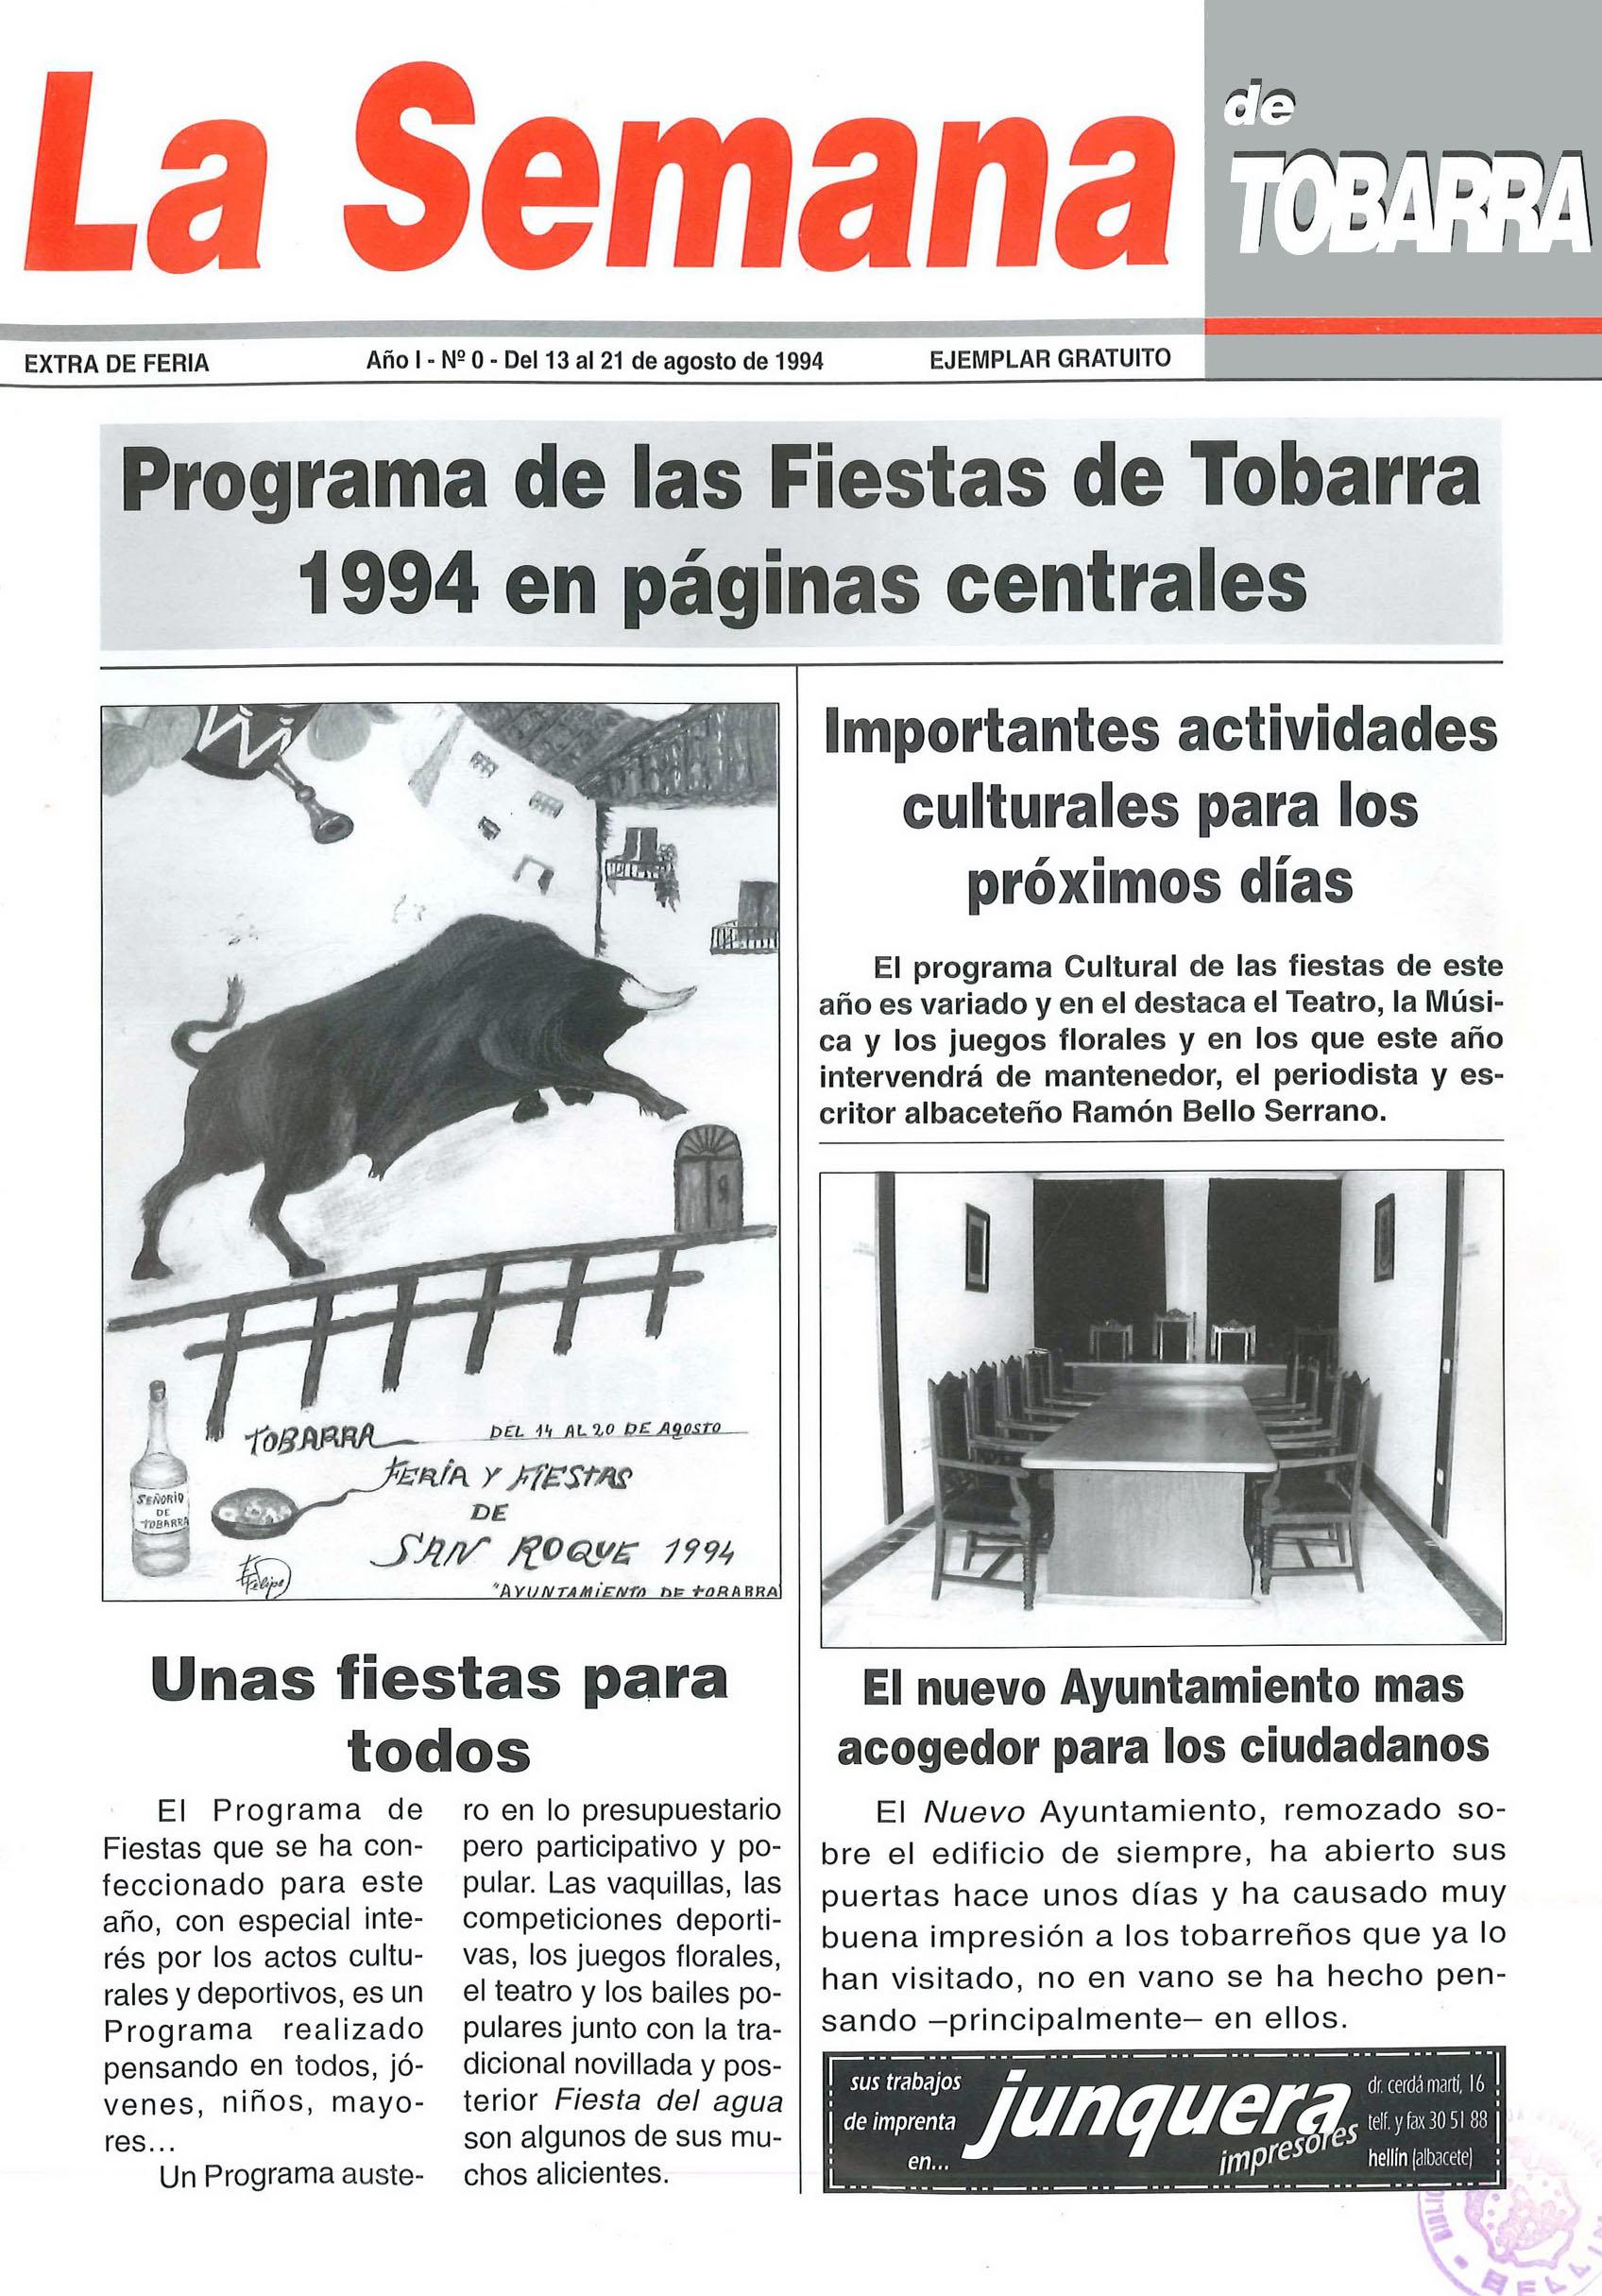 La Semana de Tobarra - nº 1